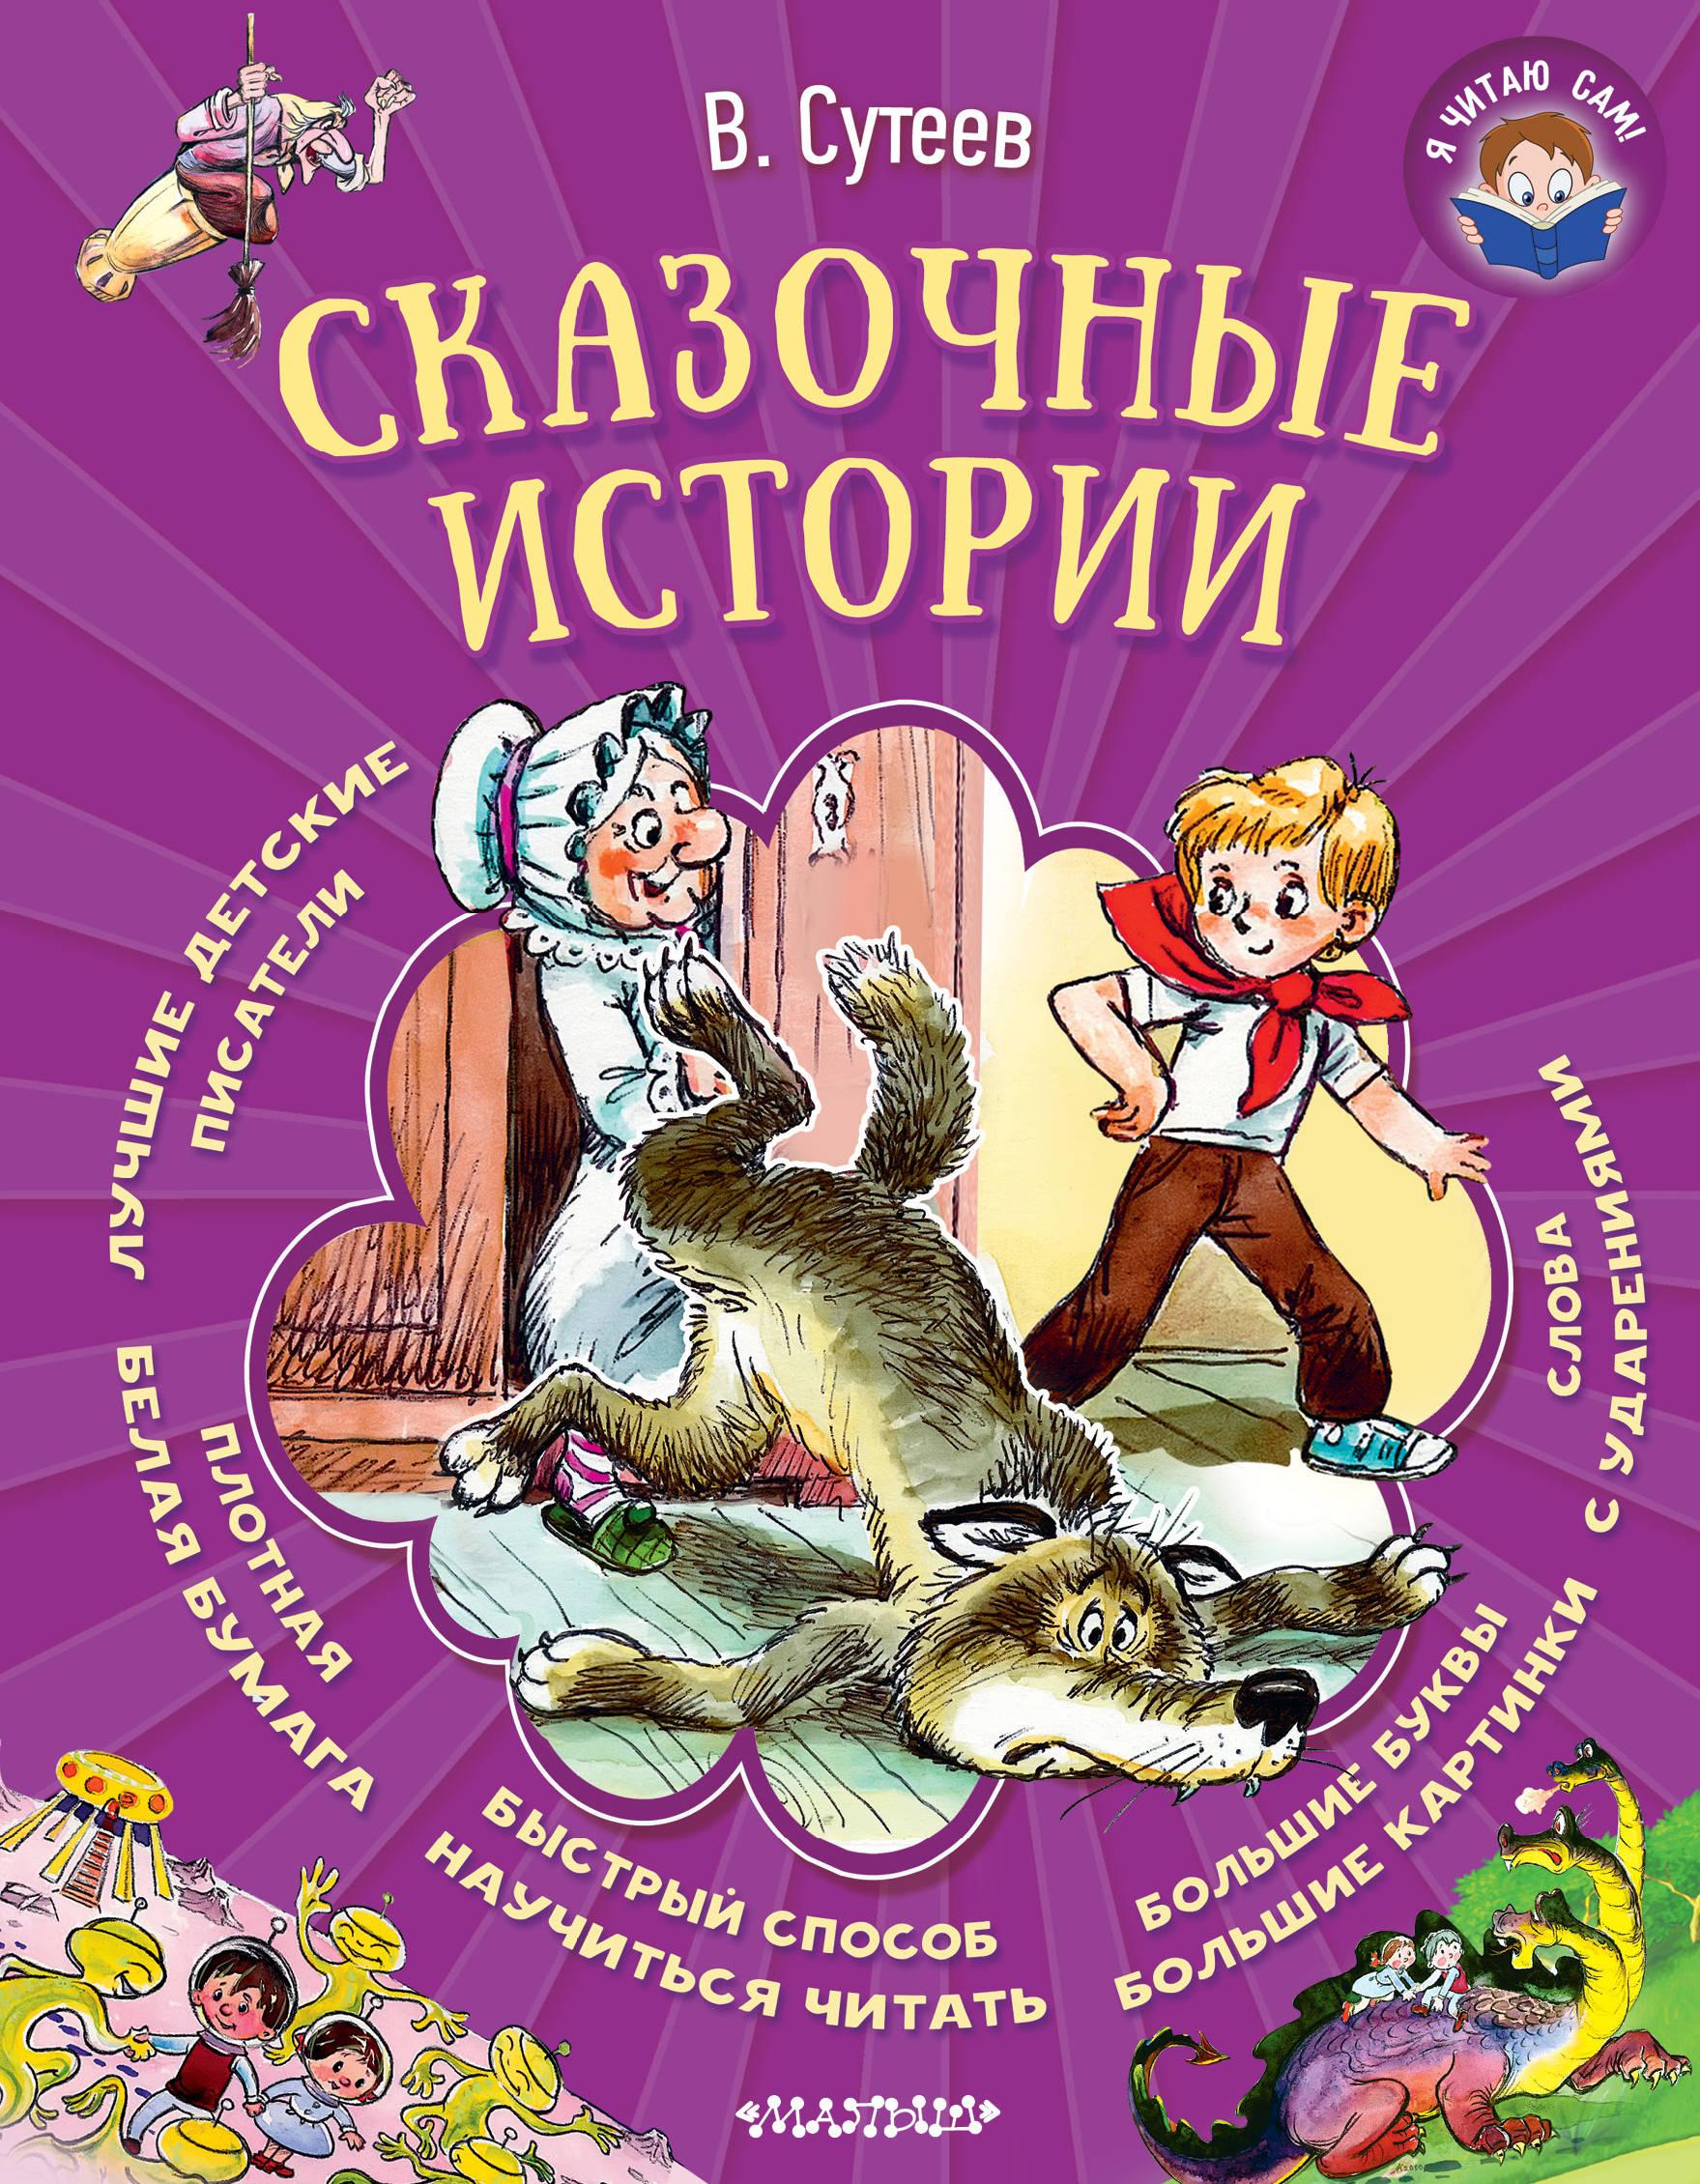 В. Сутеев Сказочные истории сказочные истории сутеев в г